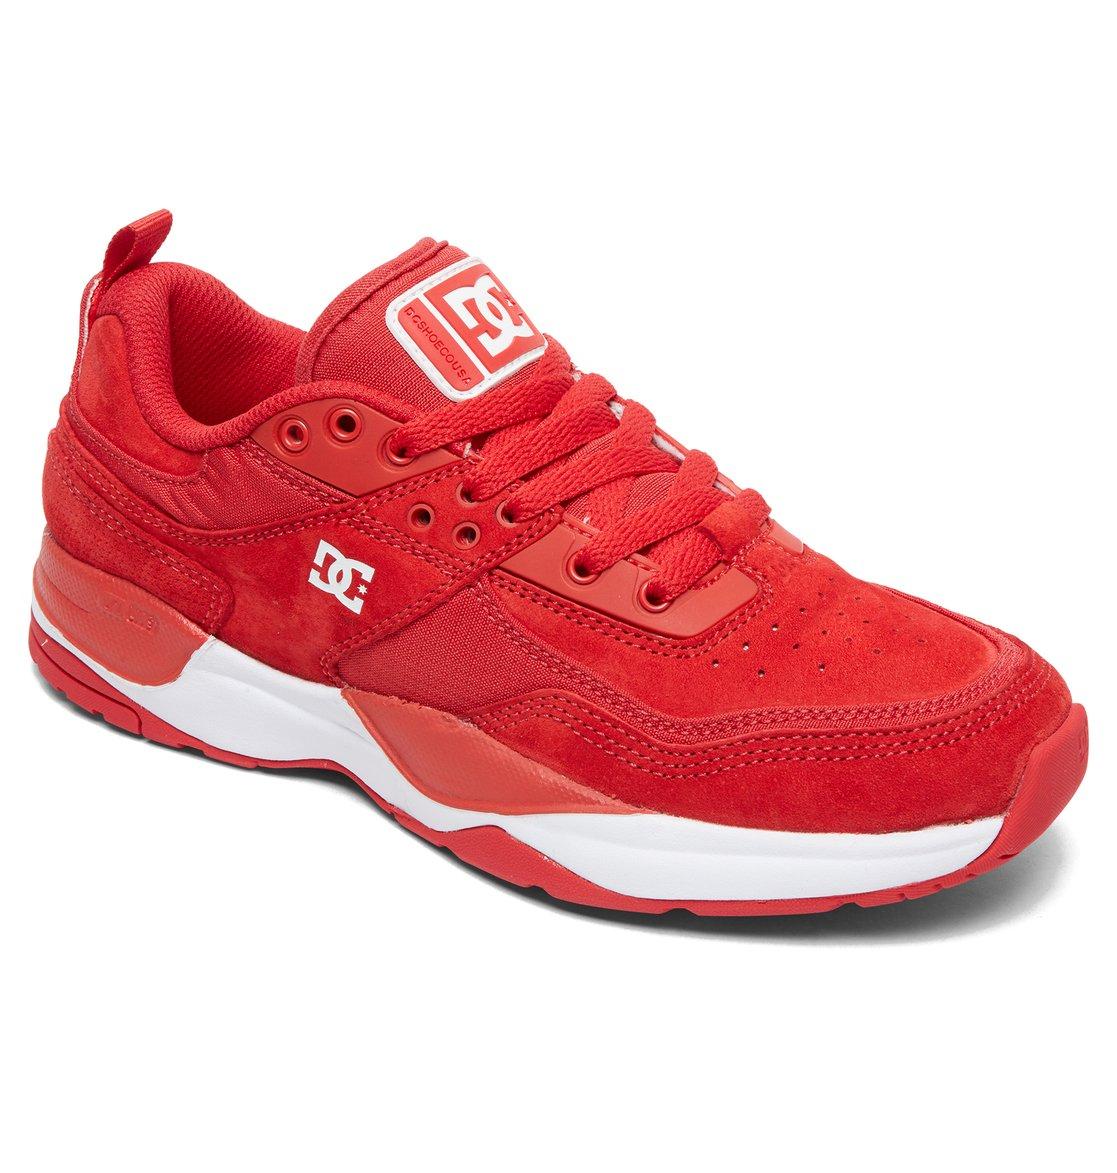 Nike air jordan vII 616805–489–cP3–bleu - Bleu - blau  Baskets Homme Women's E. Tribeka SE - Baskets - Gris - DC Shoes Women's E. Tribeka SE - Baskets - Gris - DC Shoes  48.5 Supra Spectre Kondor noir blanc rouge blanc 44.5 xx3nd